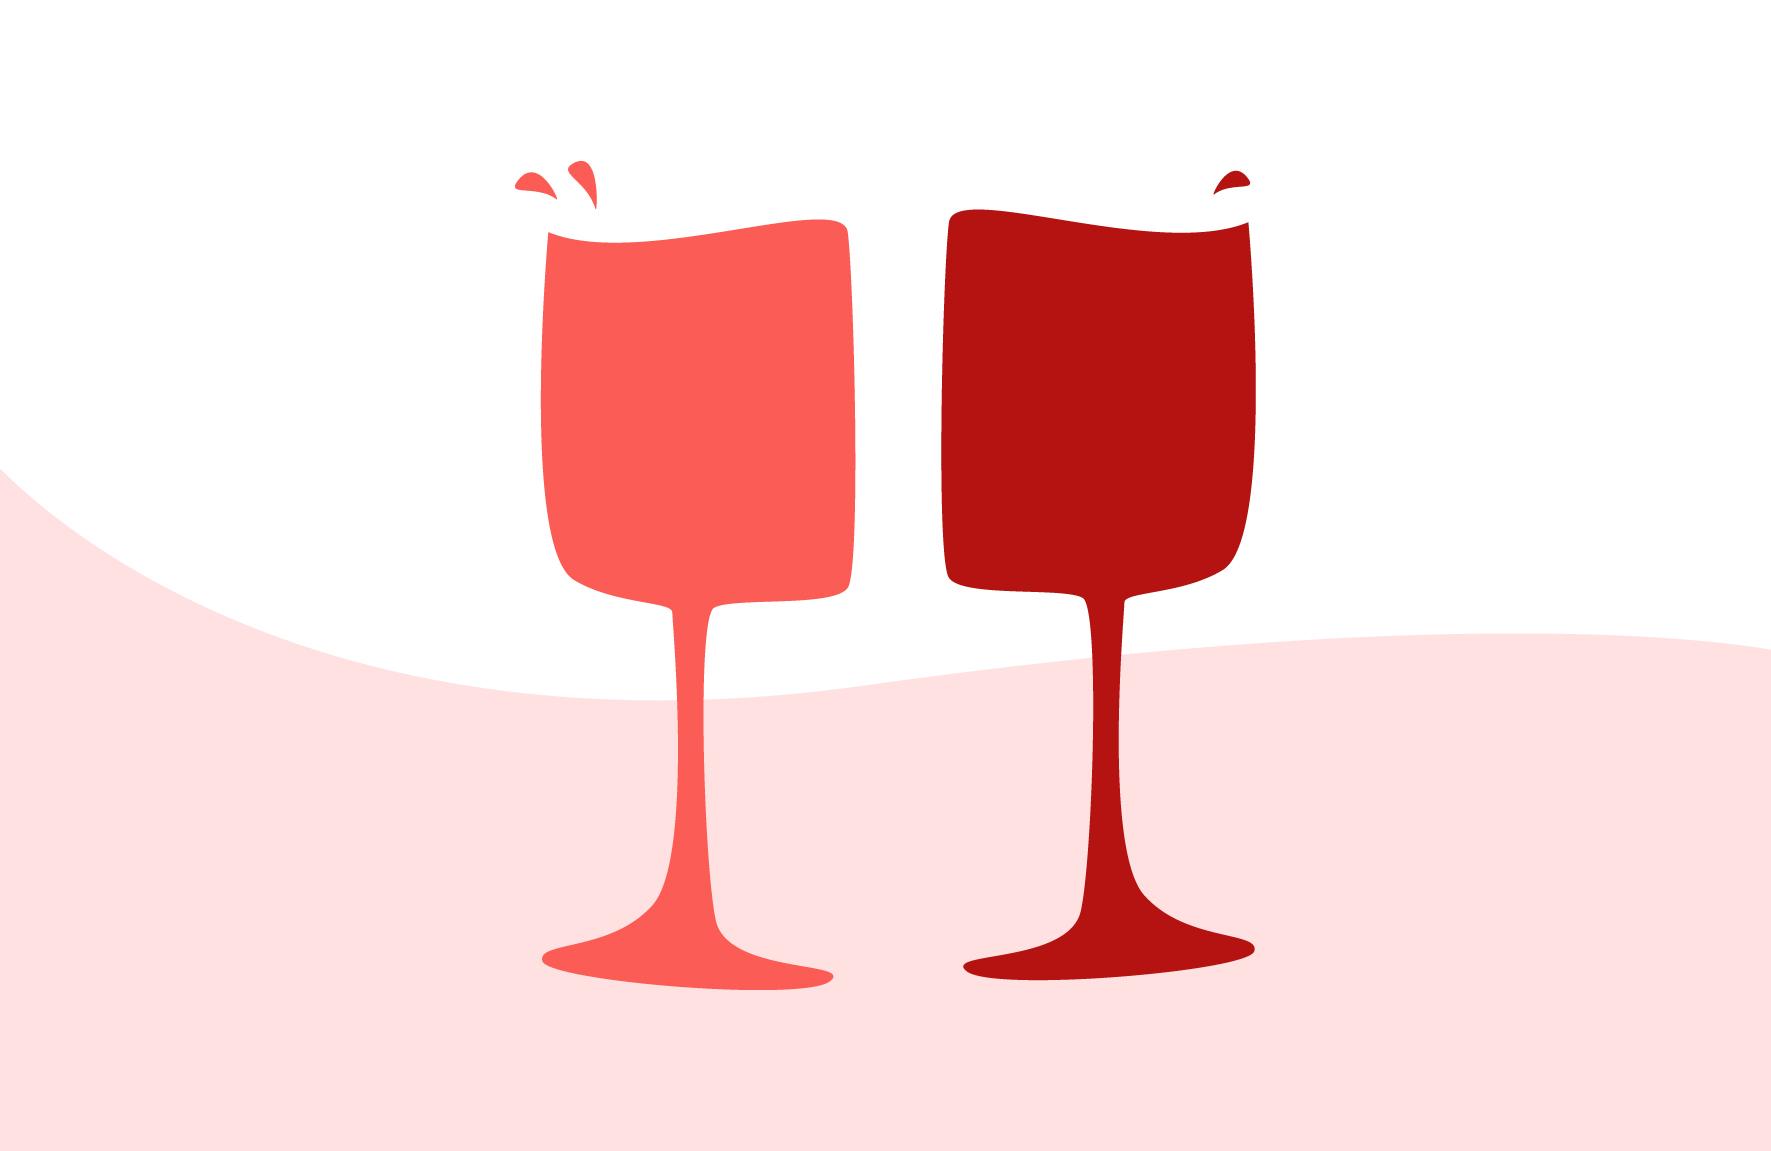 Rosé: tudo o que sempre quis saber sobre um dos vinhos cujo consumo tem aumentado nos últimos tempos!